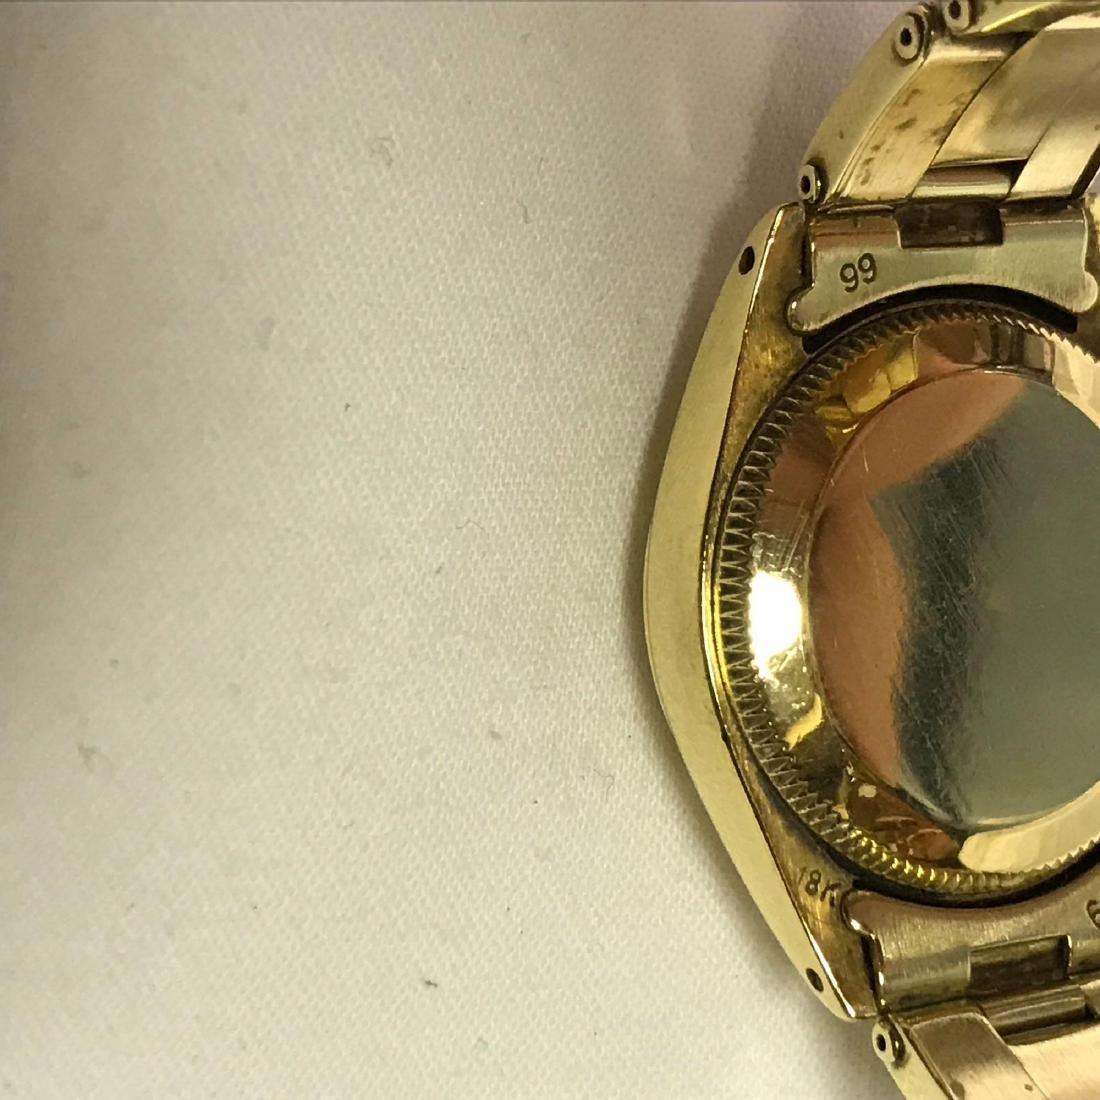 Vintage Ladies Oyster Perpetual 14k Rolex - 16